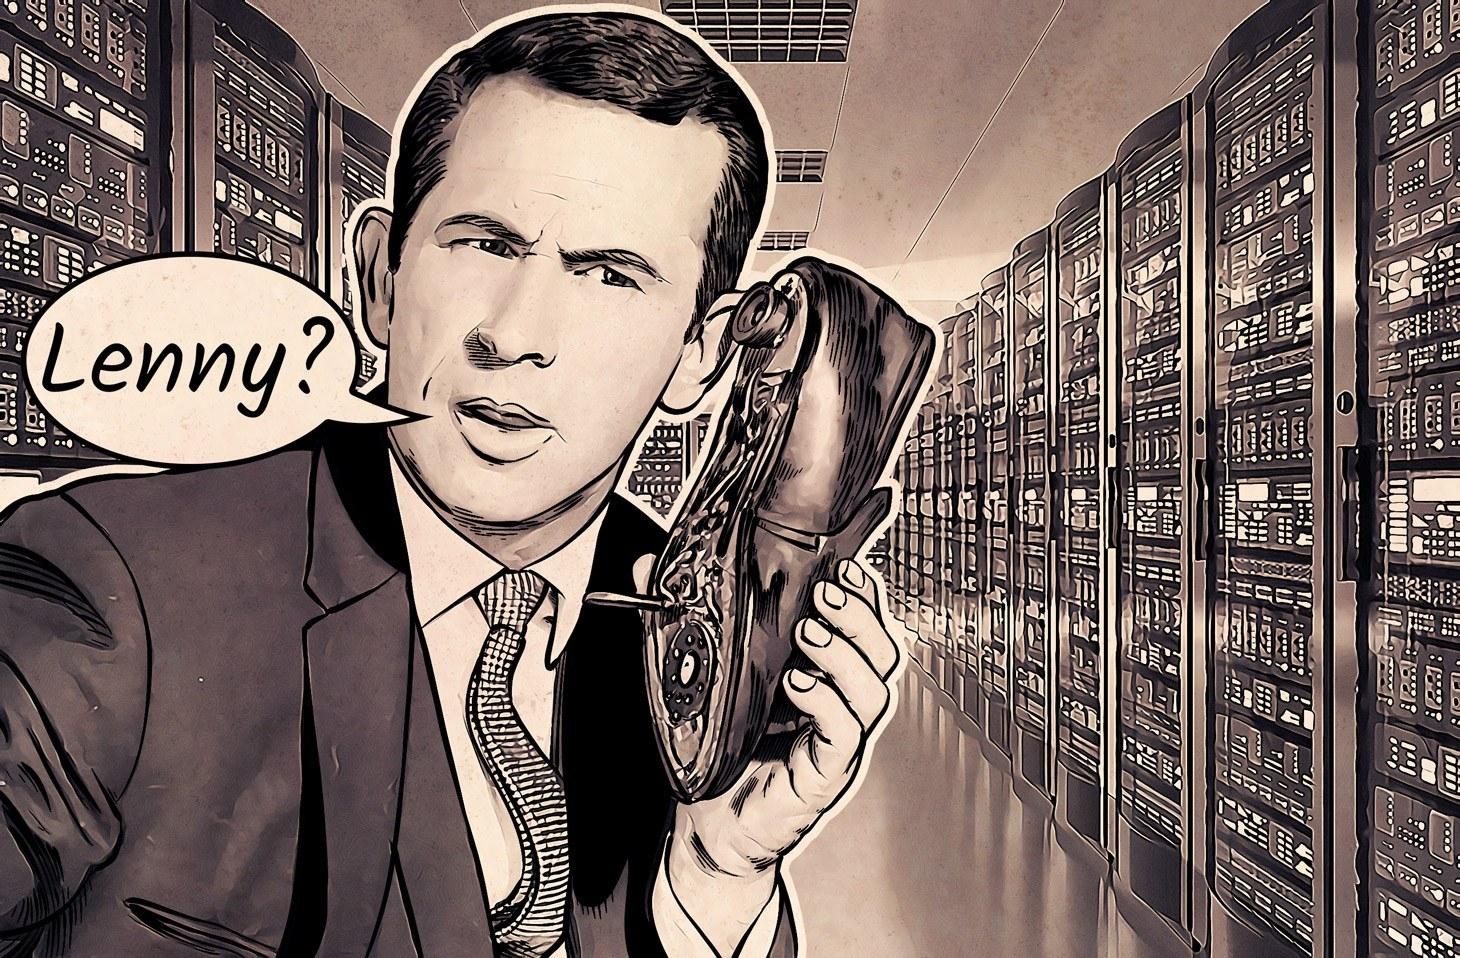 Facciamo la conoscenza di Lenny, il chatbot vocale che può essere utilizzato contro i venditori e gli scammer telefonici